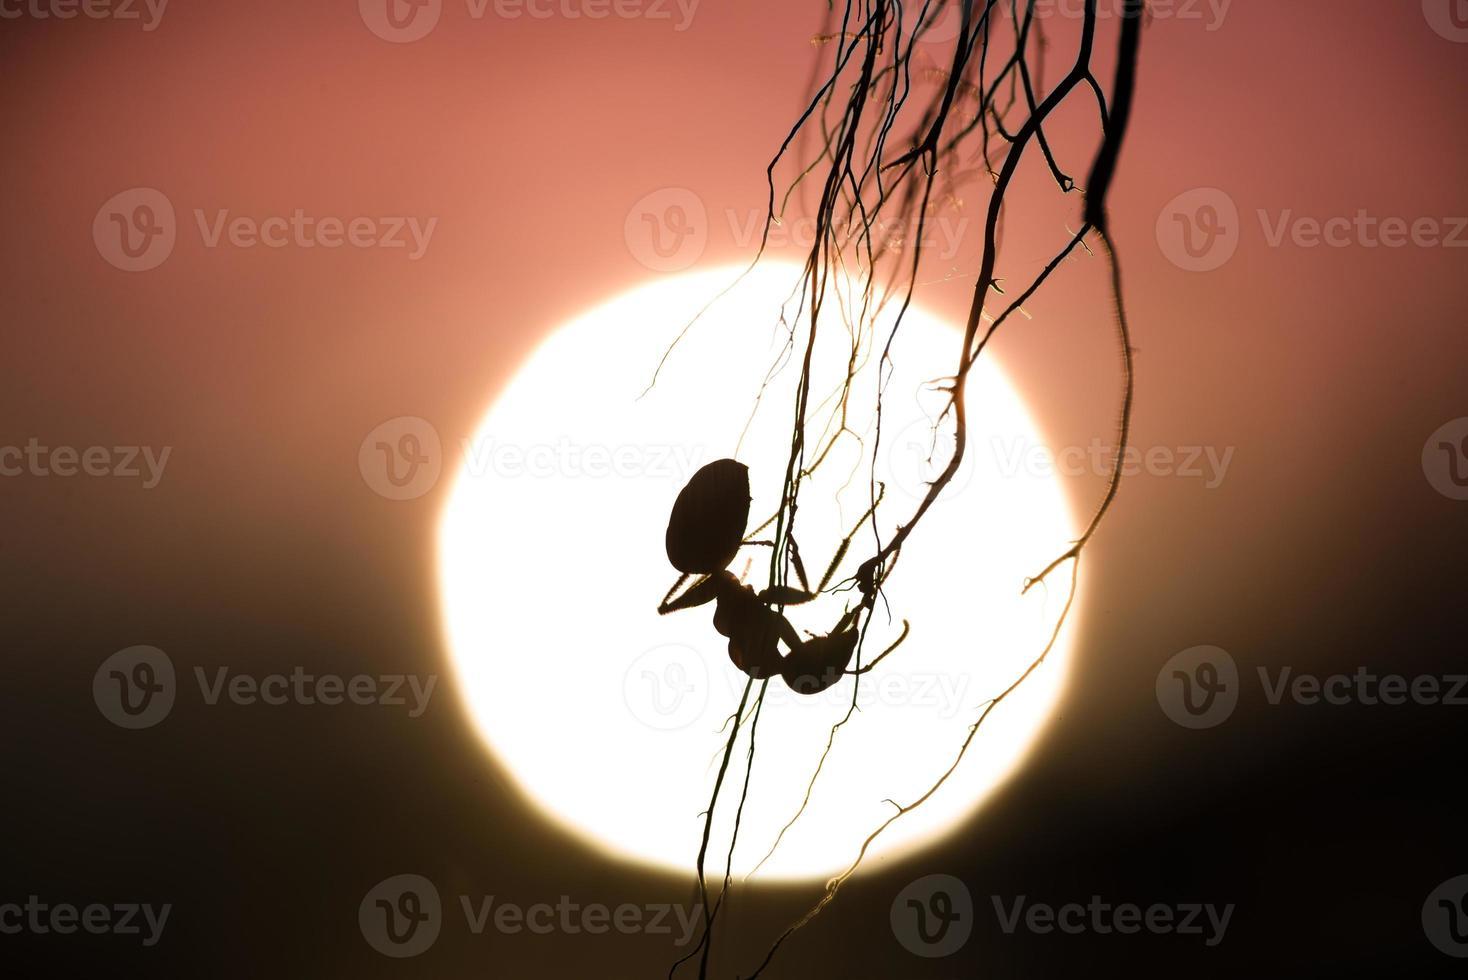 silueta de una hormiga colgante con puesta de sol en el fondo foto